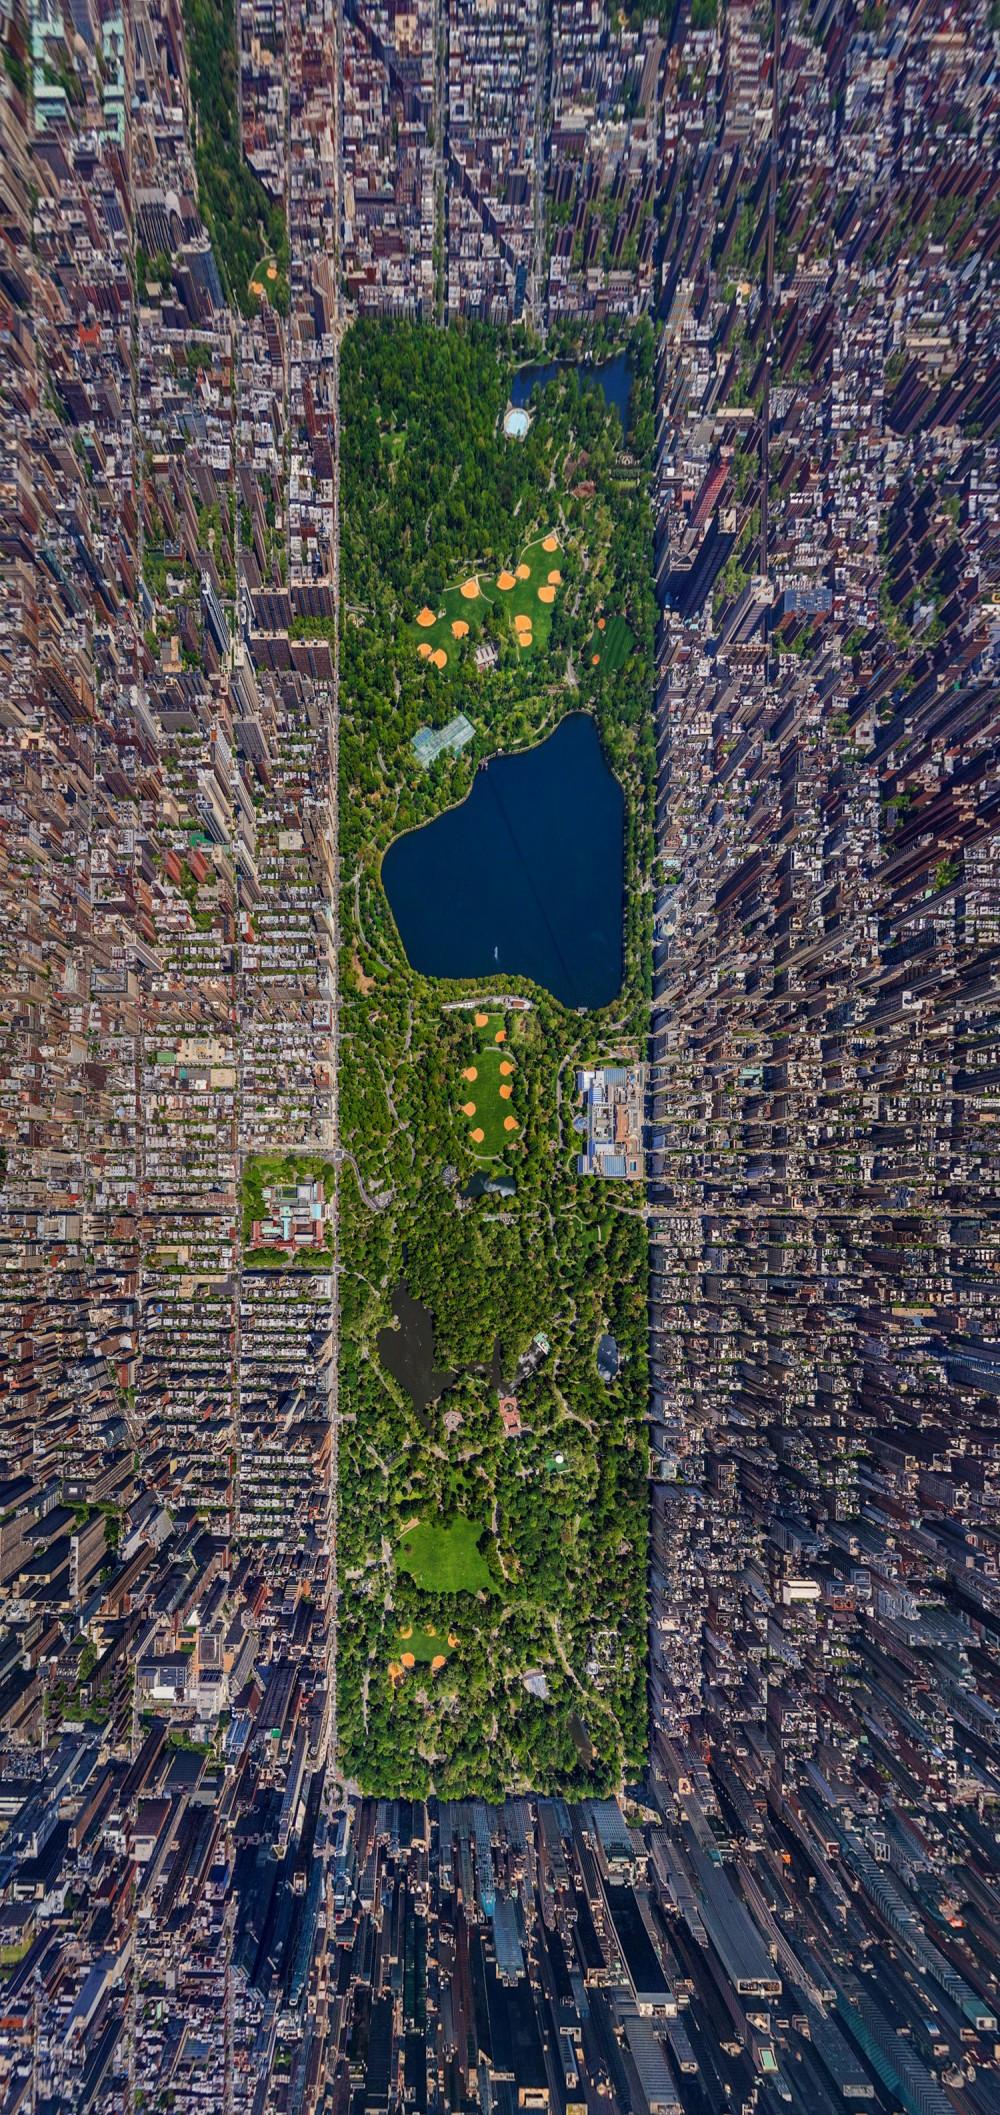 arquitectura-desde-el-cielo-central-park-nueva-york.jpg